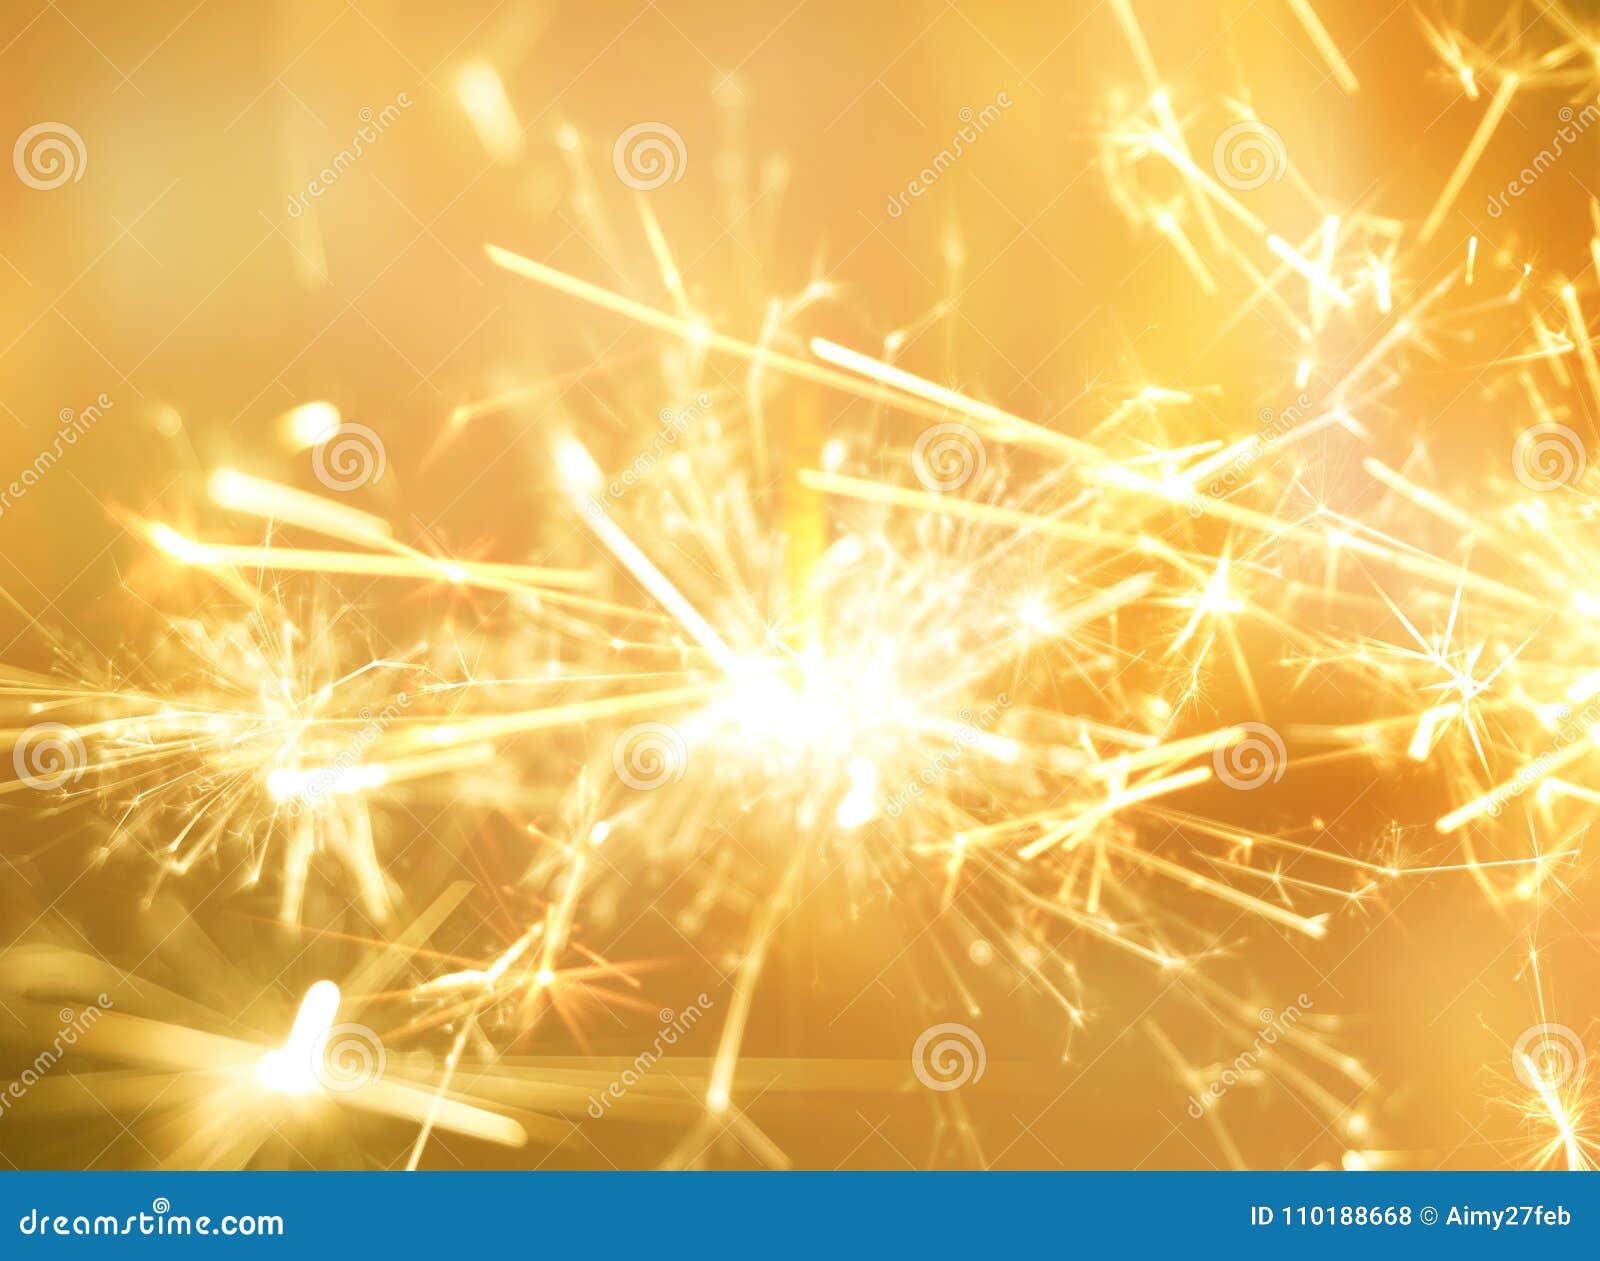 Golden sparkler fire for party celebration background.